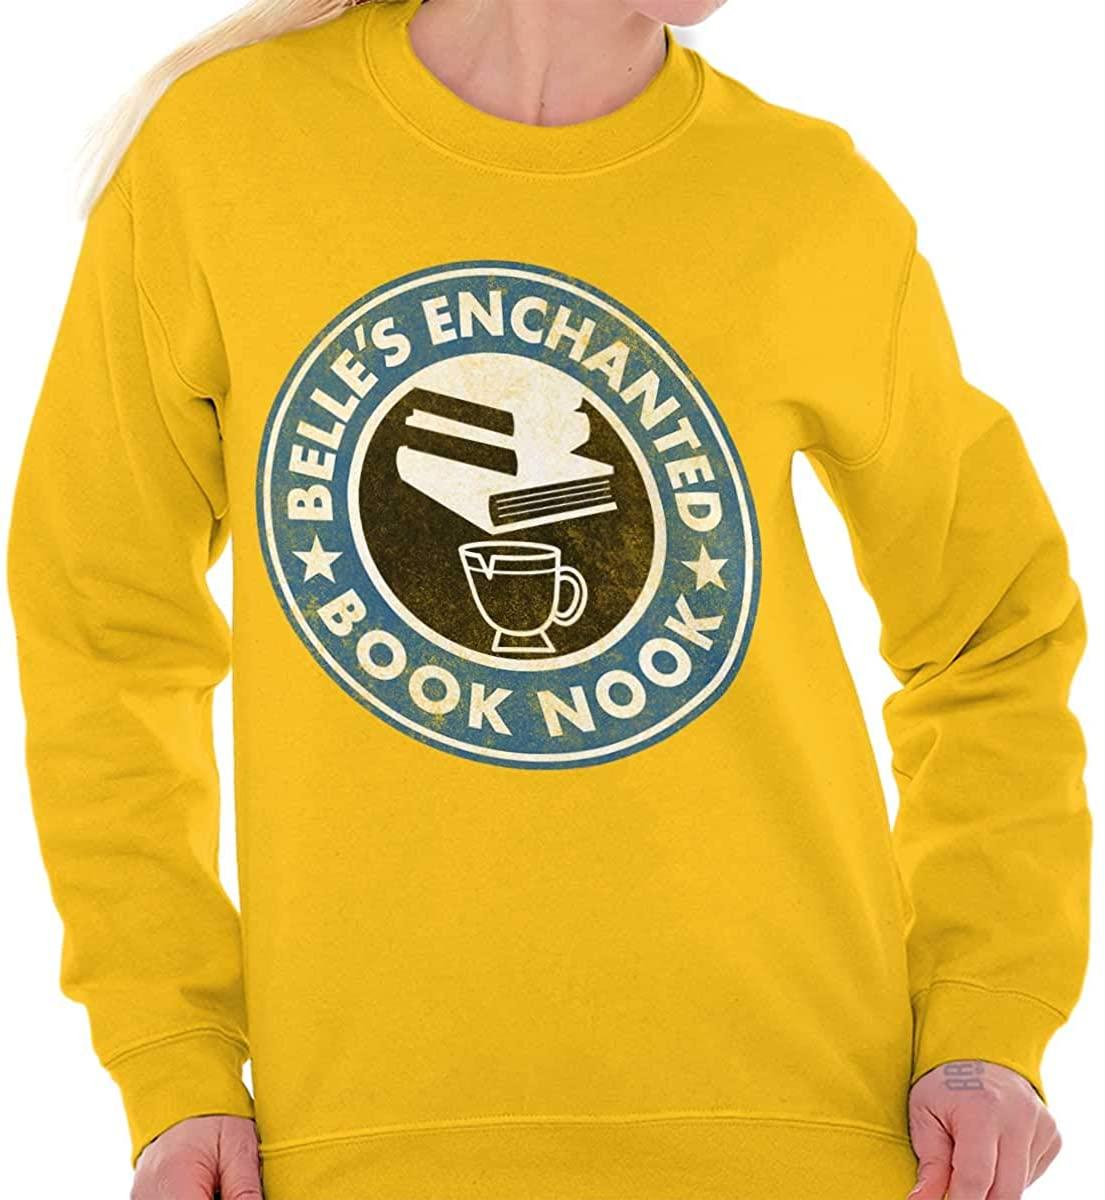 Belles Enchanted Coffee Book Nook Cute Logo Crewneck Sweatshirt